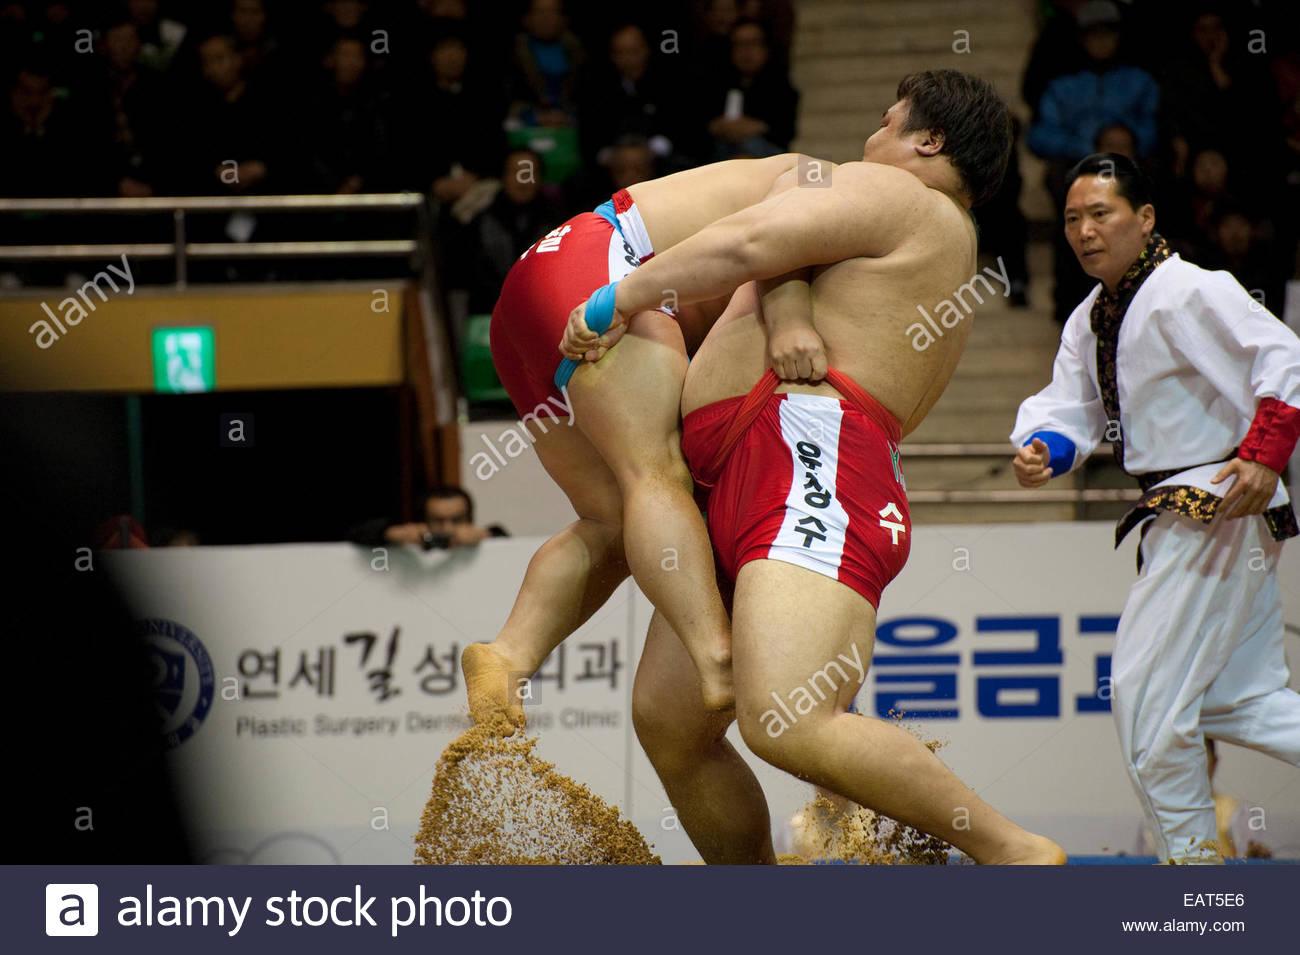 Los oponentes cara a cara en una lucha SSireum coincidan. Imagen De Stock